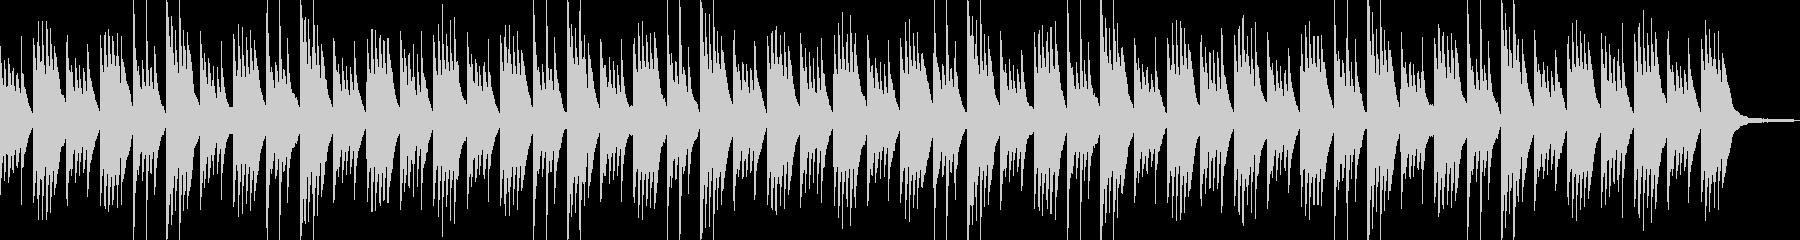 穏やかなピアノアンビエントの未再生の波形